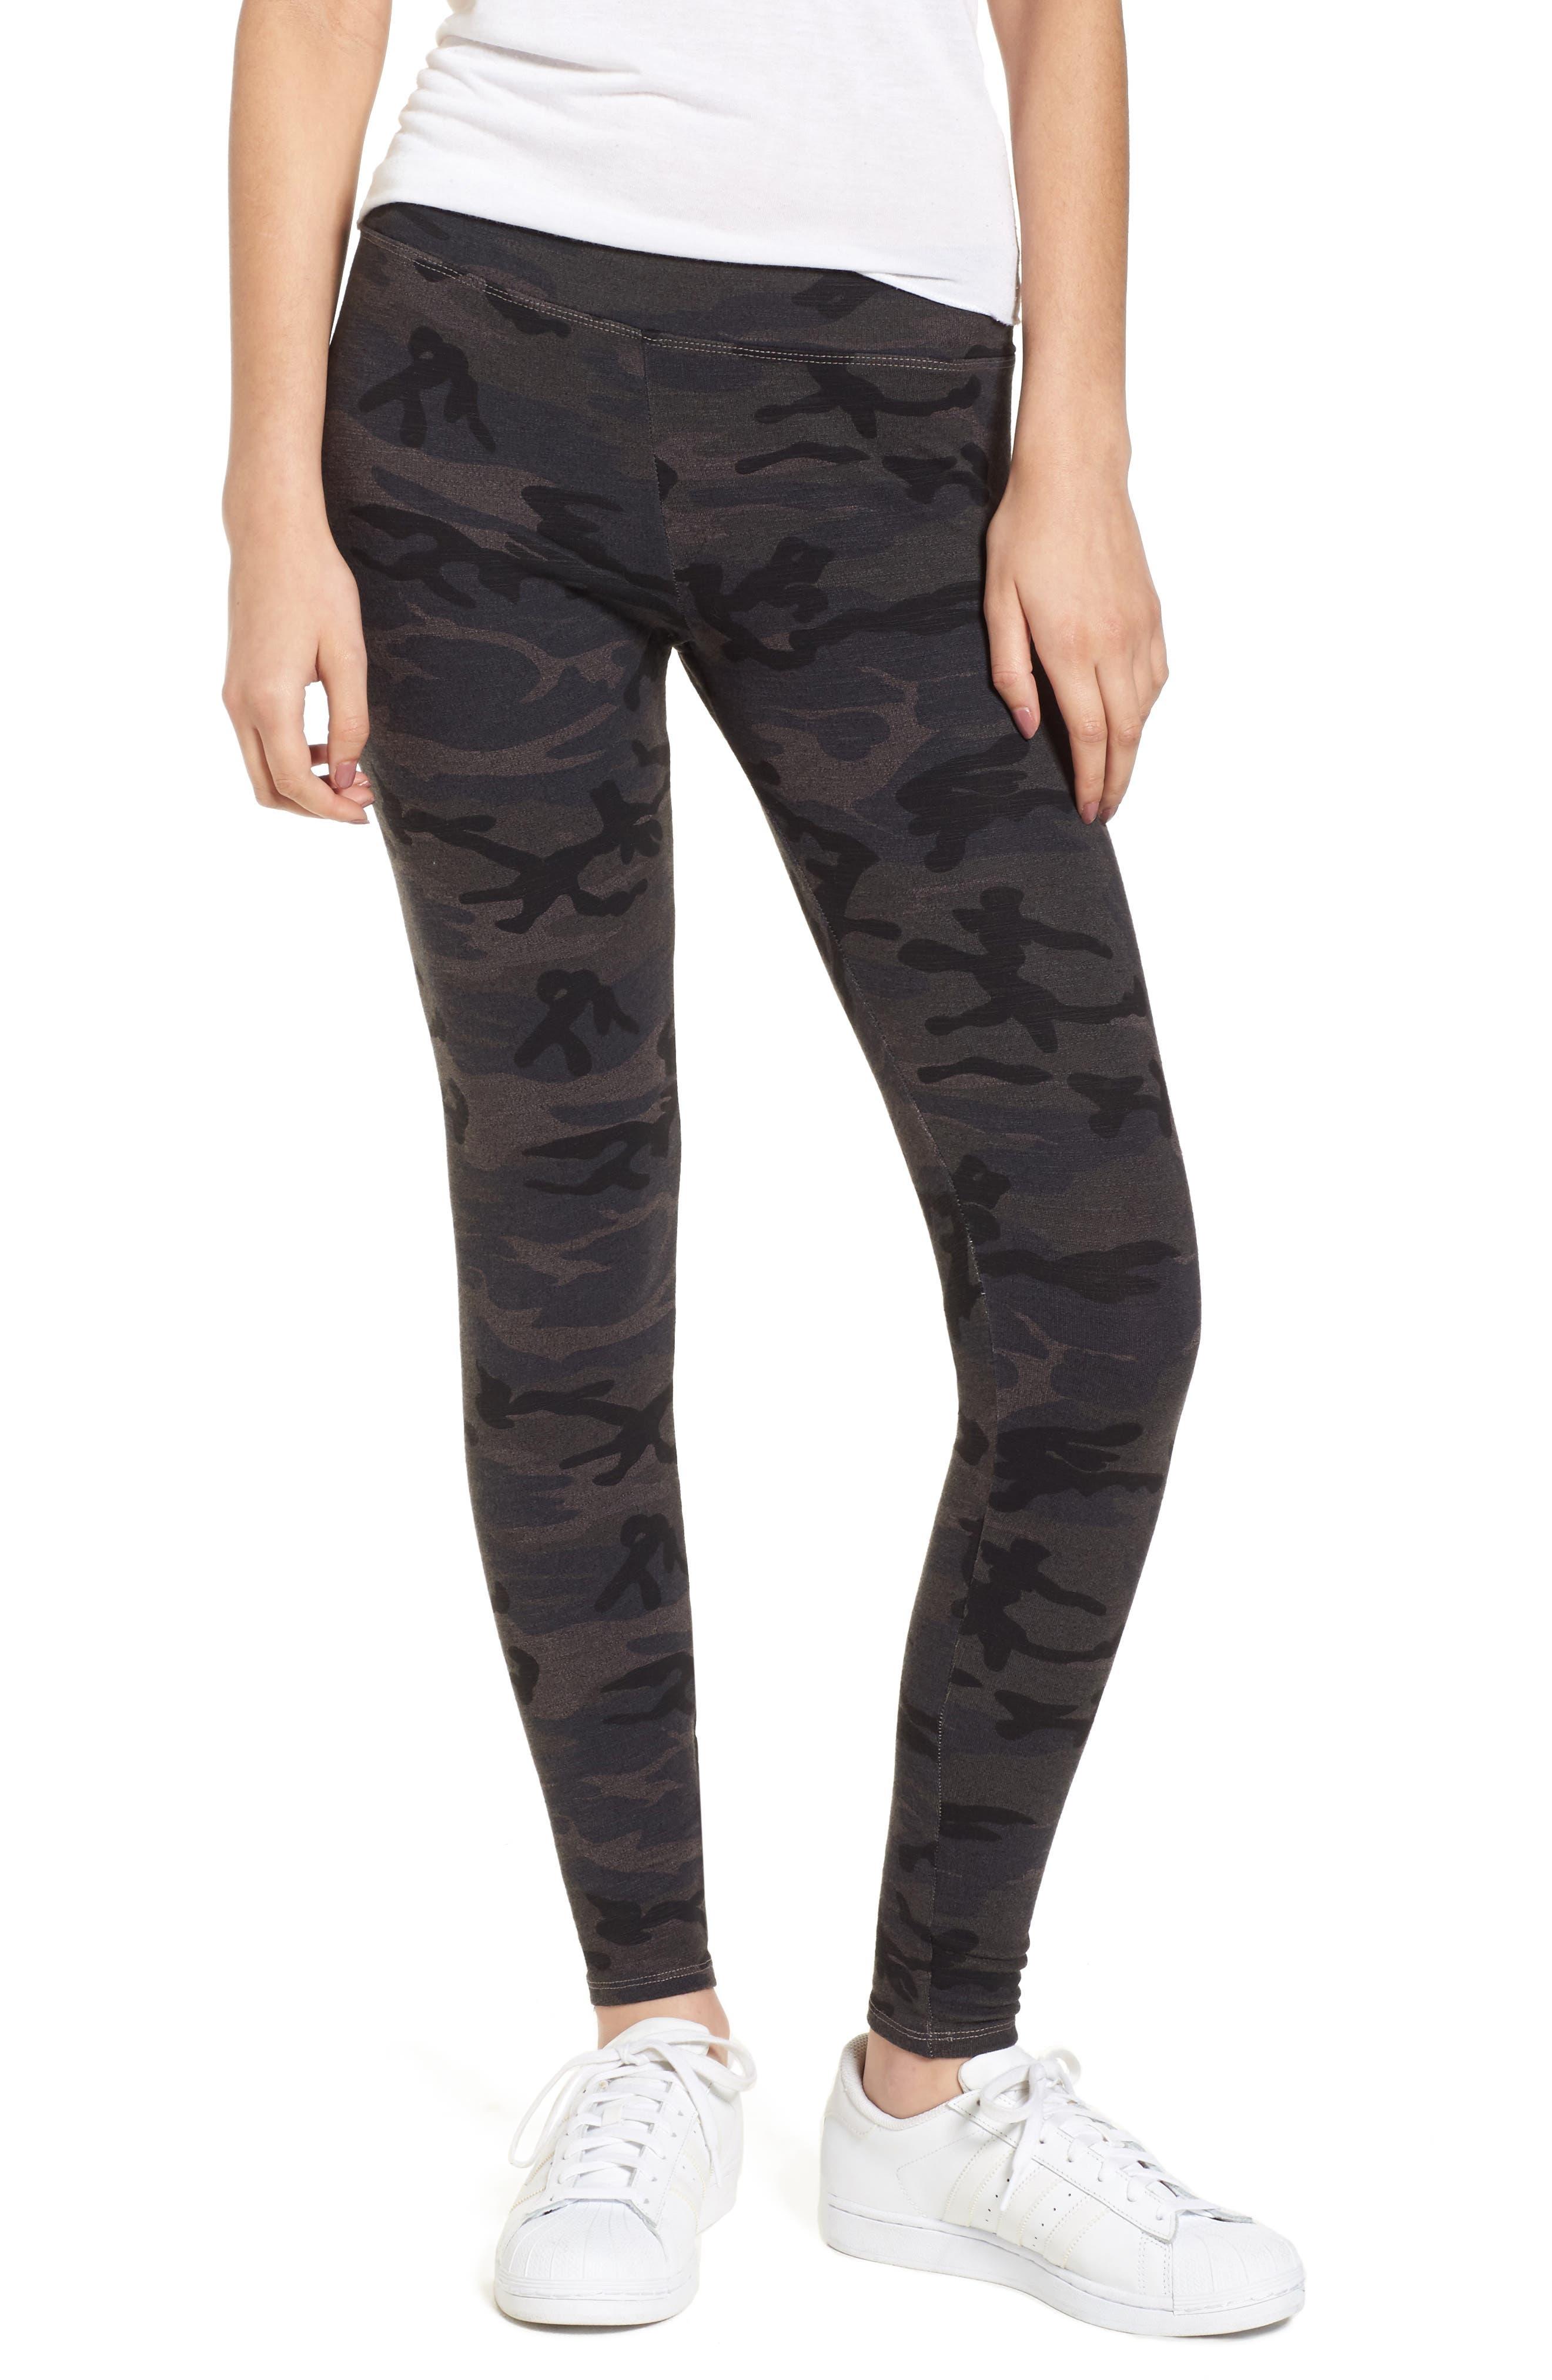 Camo Yoga Pants,                             Main thumbnail 1, color,                             Charcoal